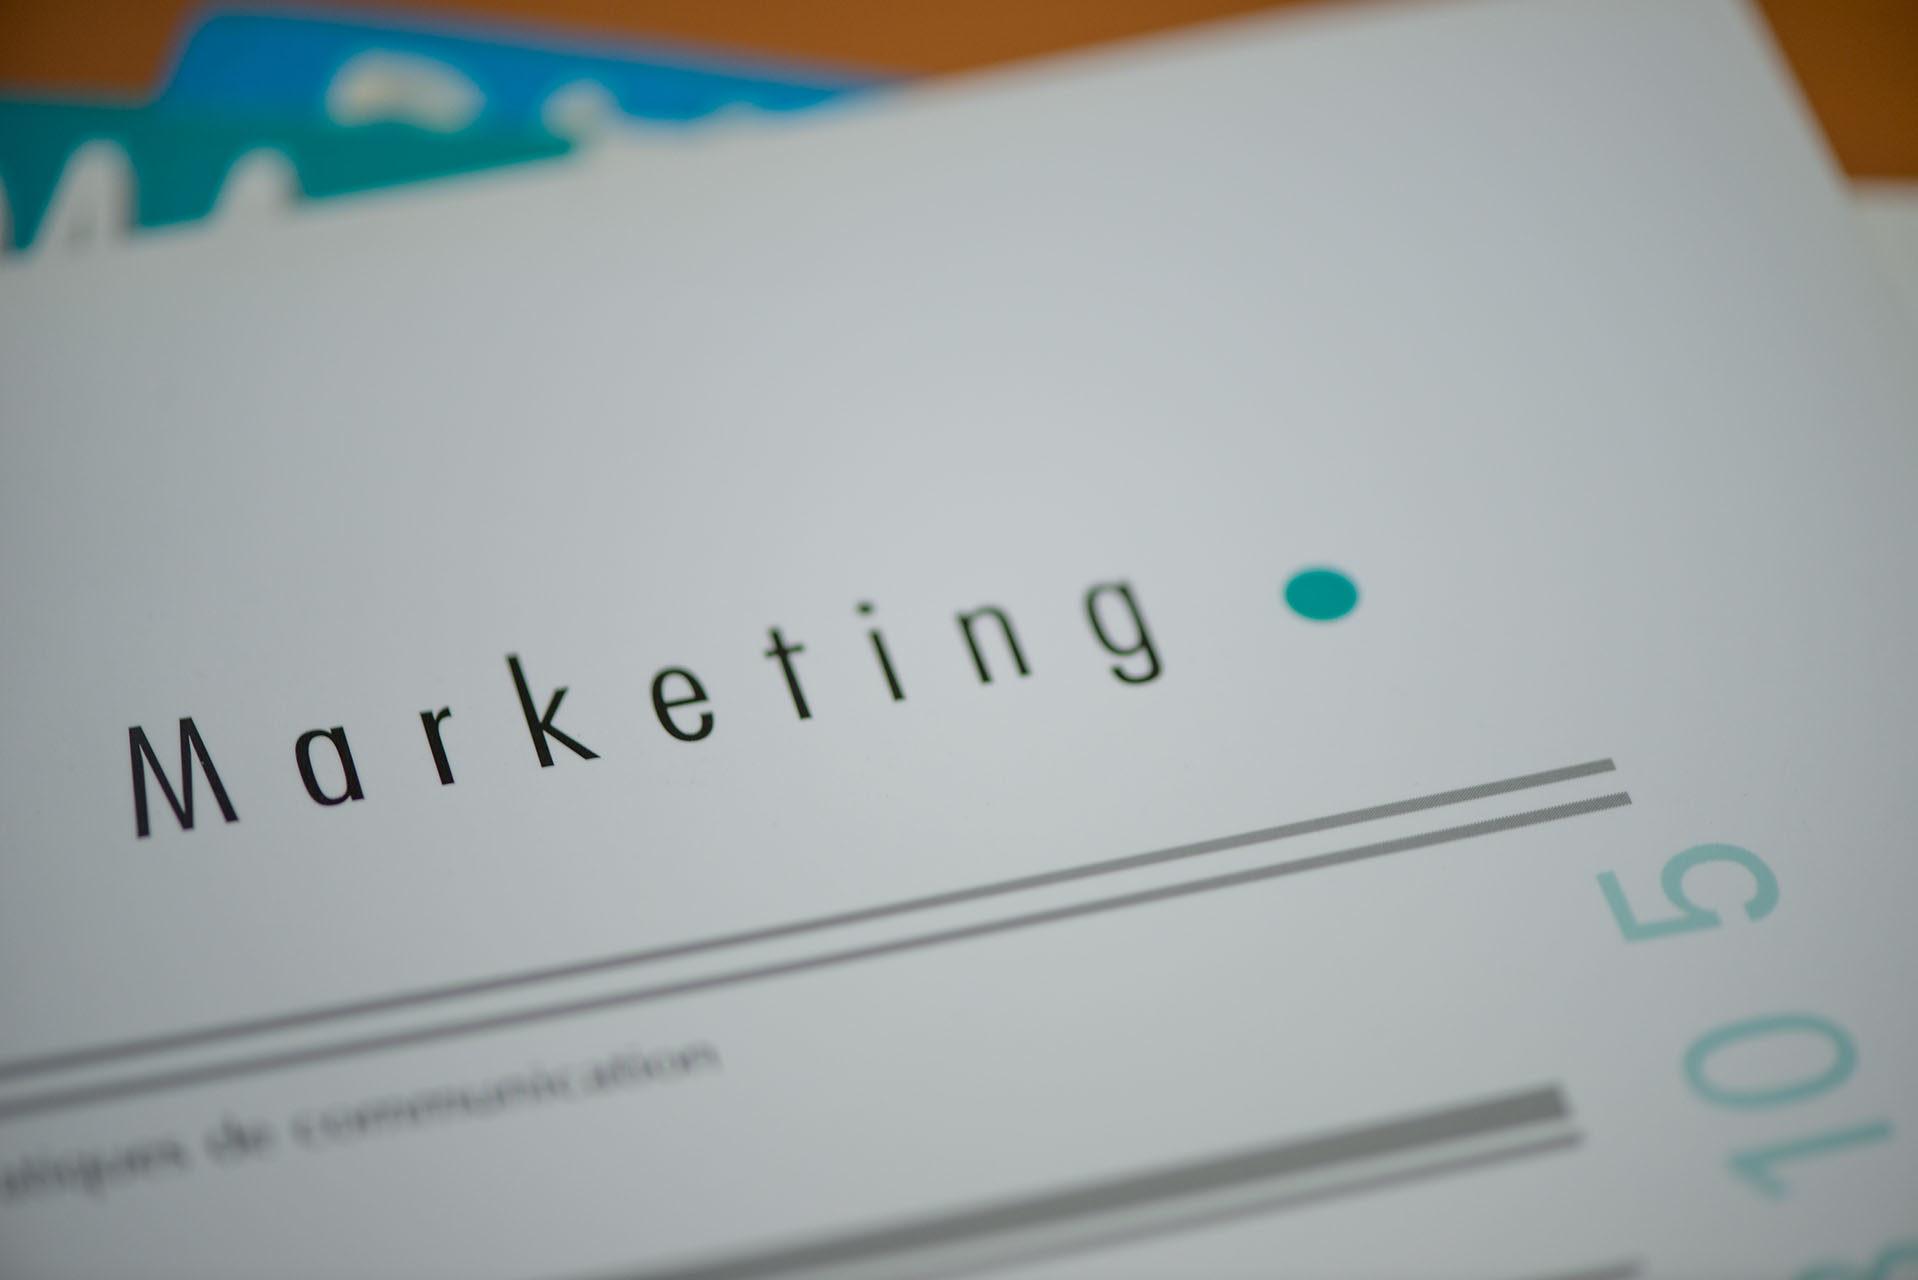 ile-de-france-photographe-corporate-val-de-marne-init-marketing